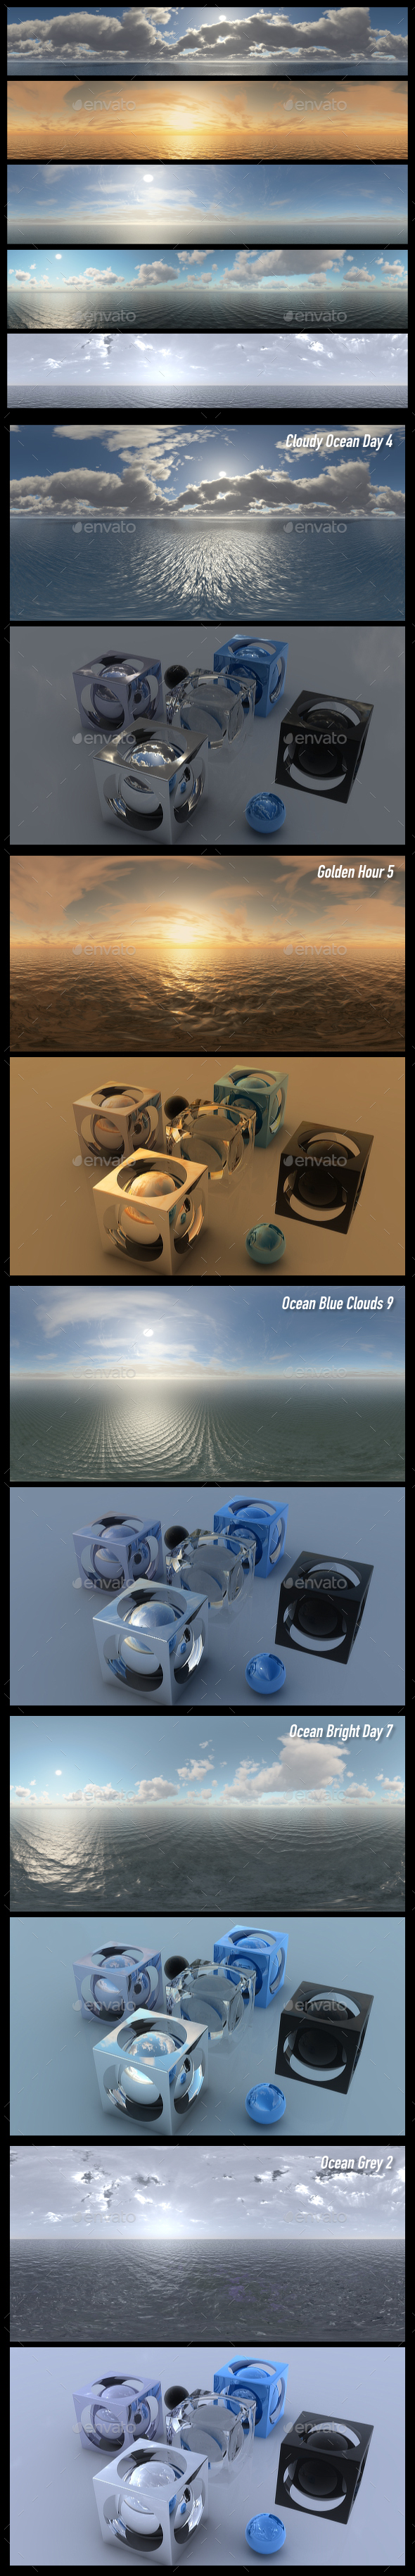 HDRI Pack 13 - 3DOcean Item for Sale